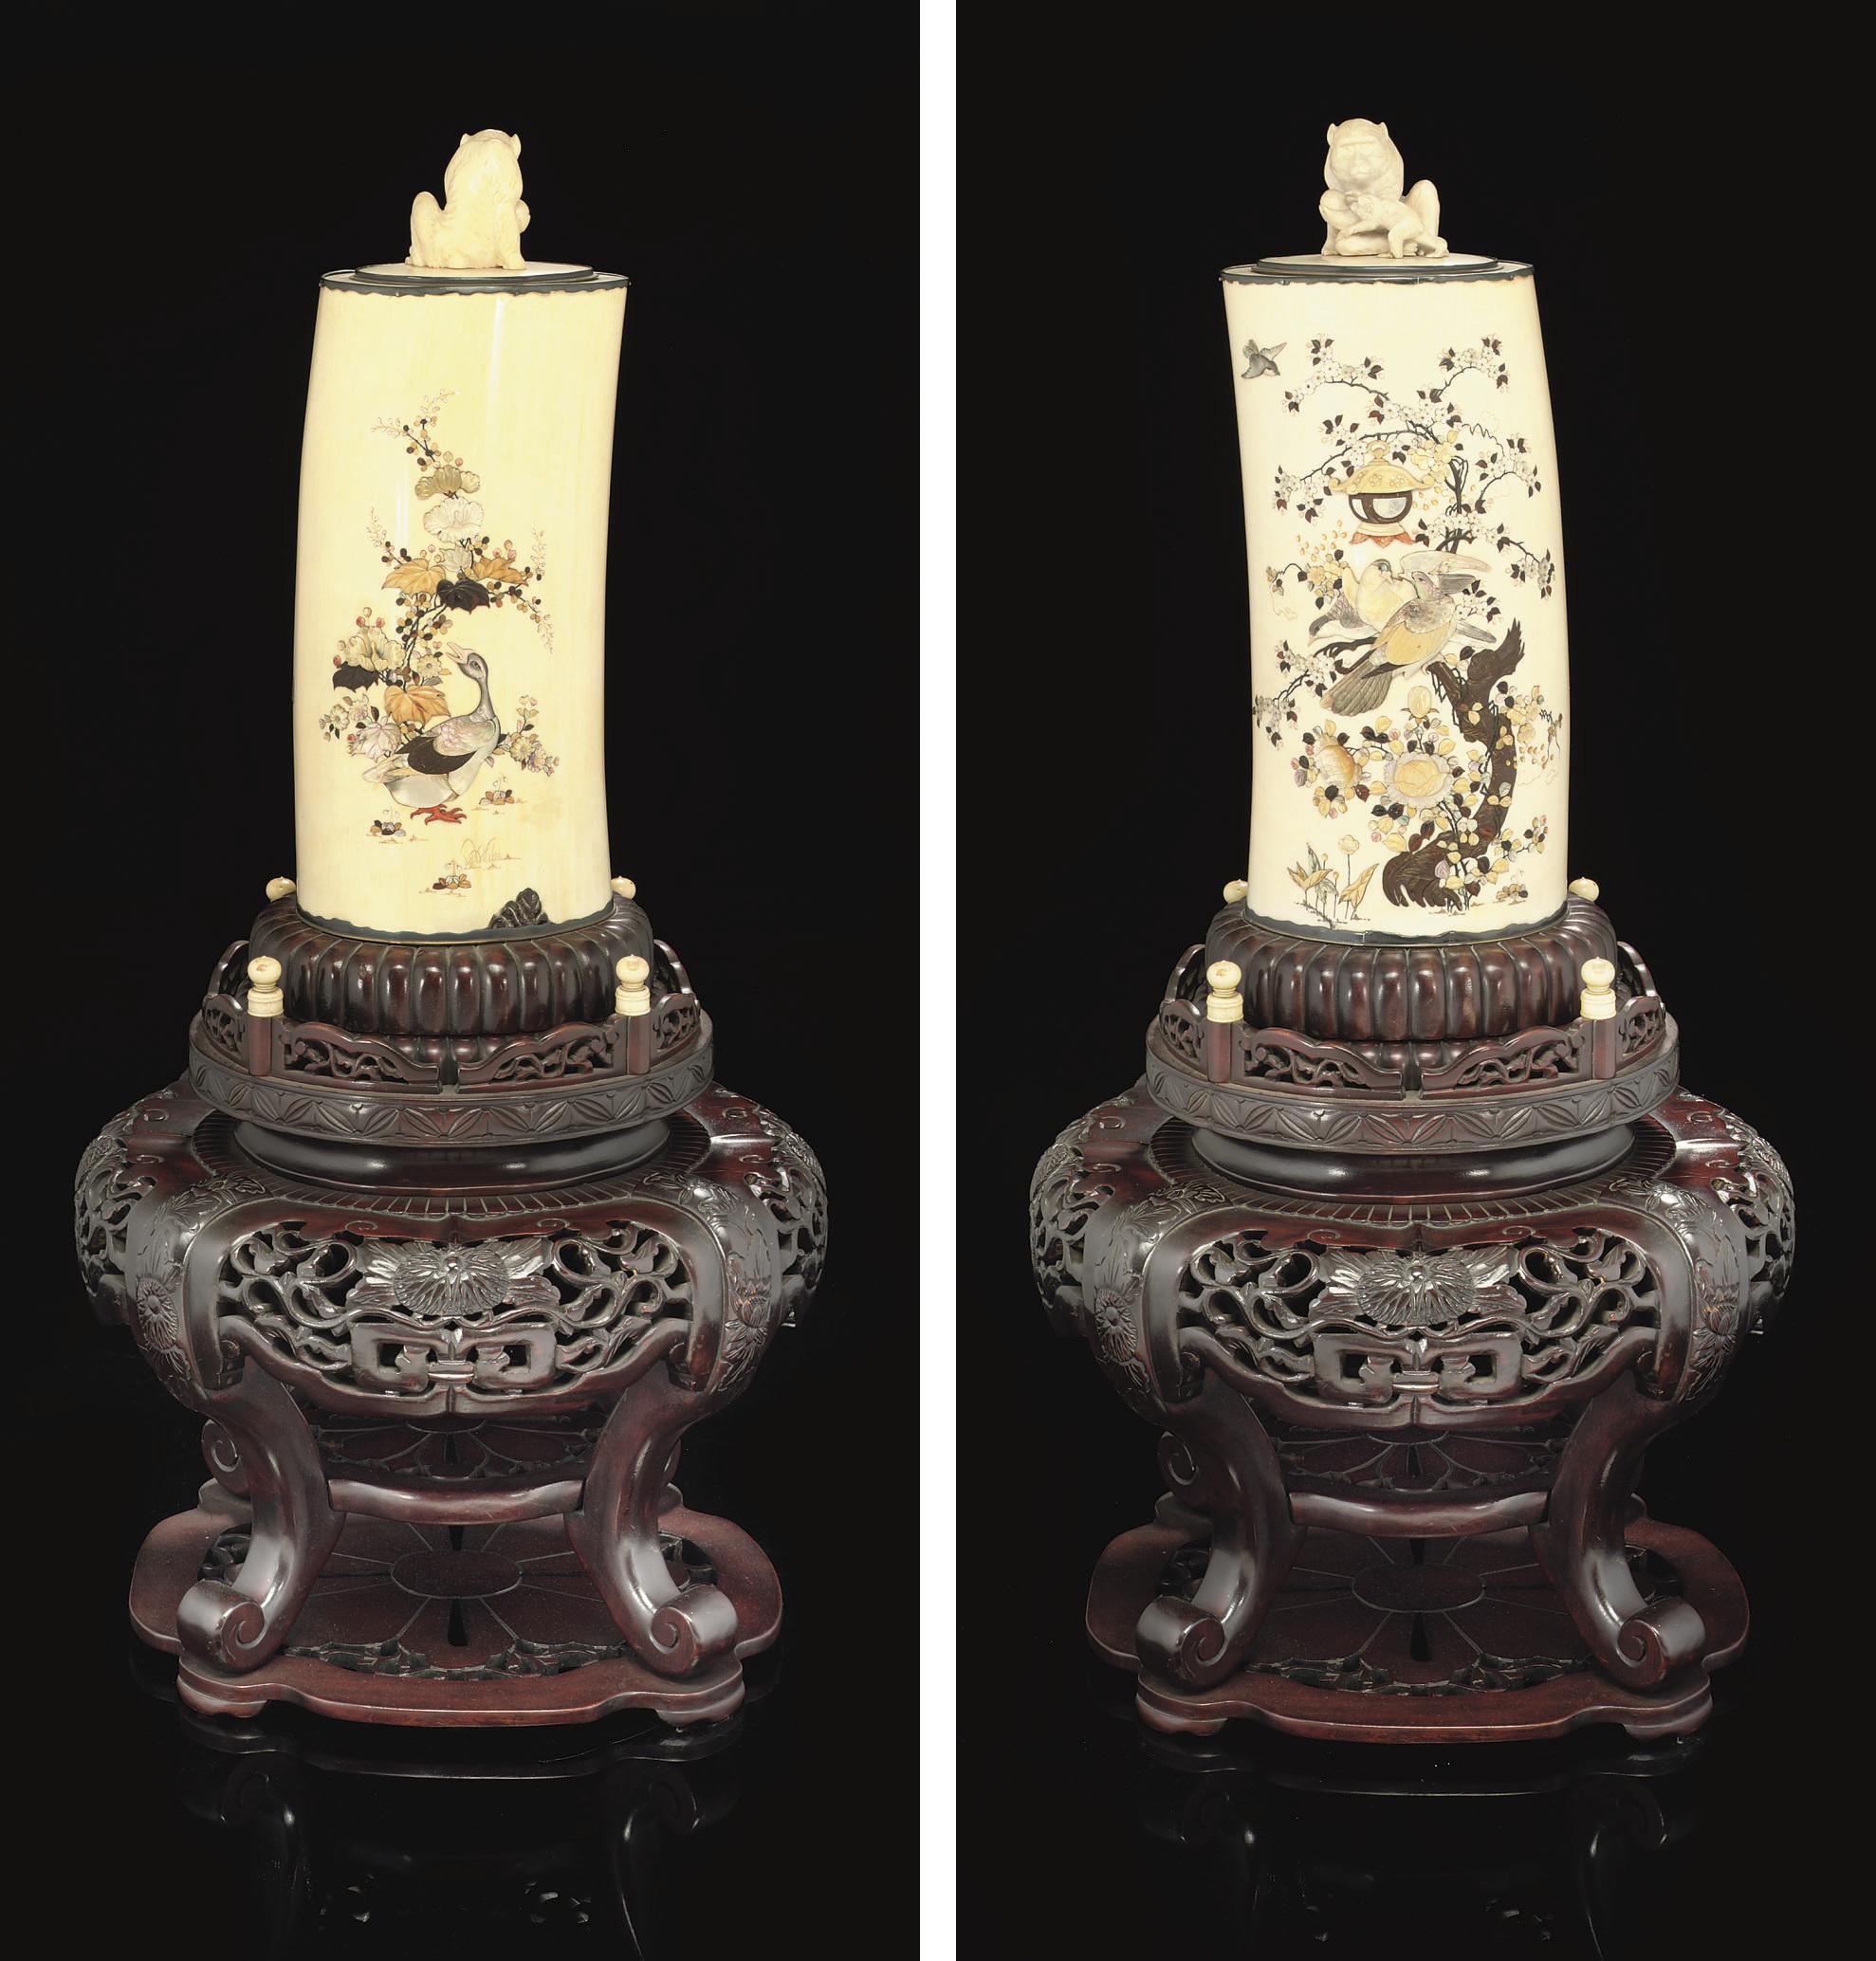 A Shibayama Inlaid Ivory Tusk Vase and Cover, Signed Masahisa, Meiji Period (1868-1912)